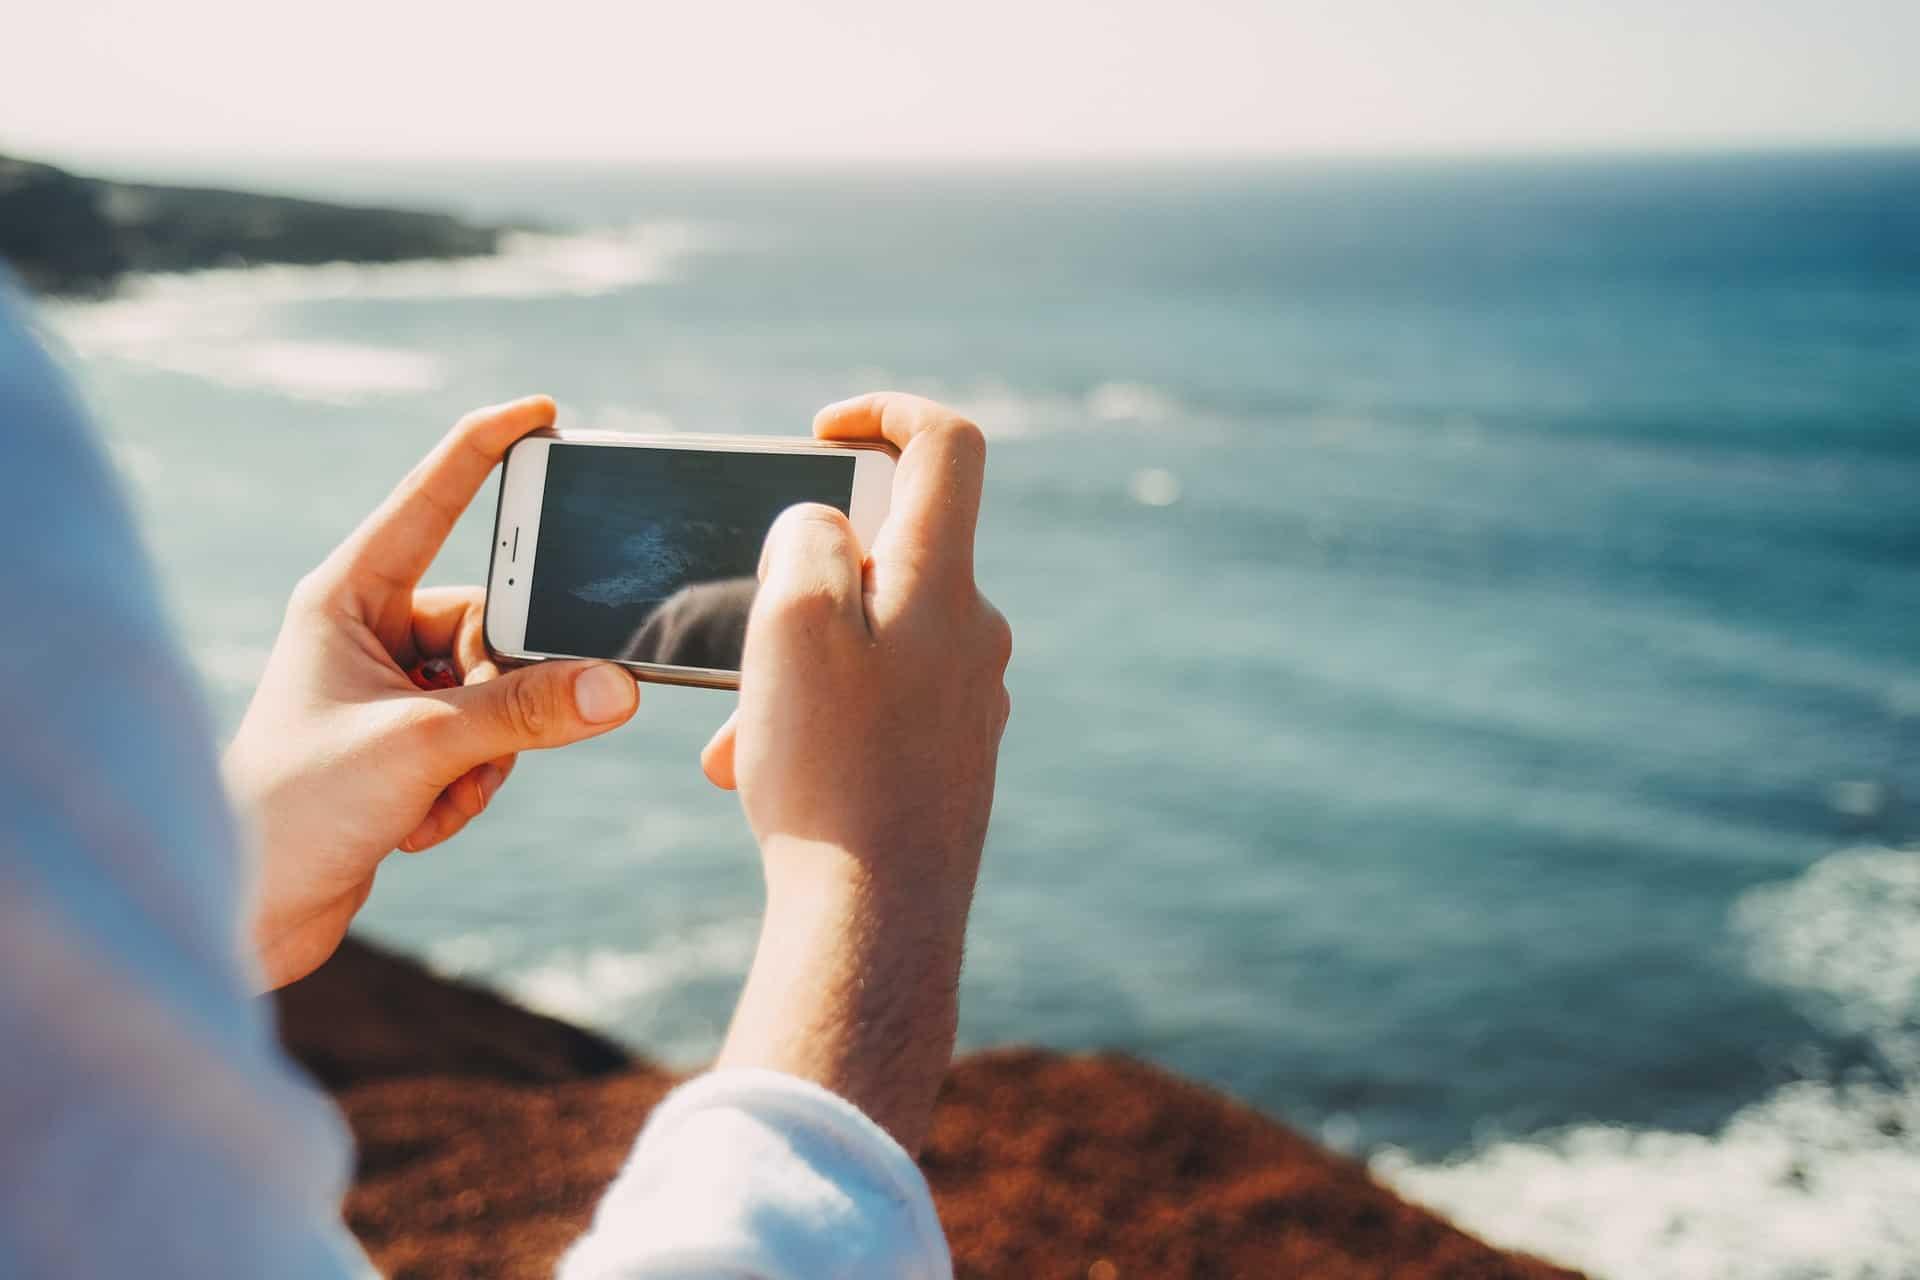 Lente de cámara para celular: ¿Cuál es el mejor de 2020?